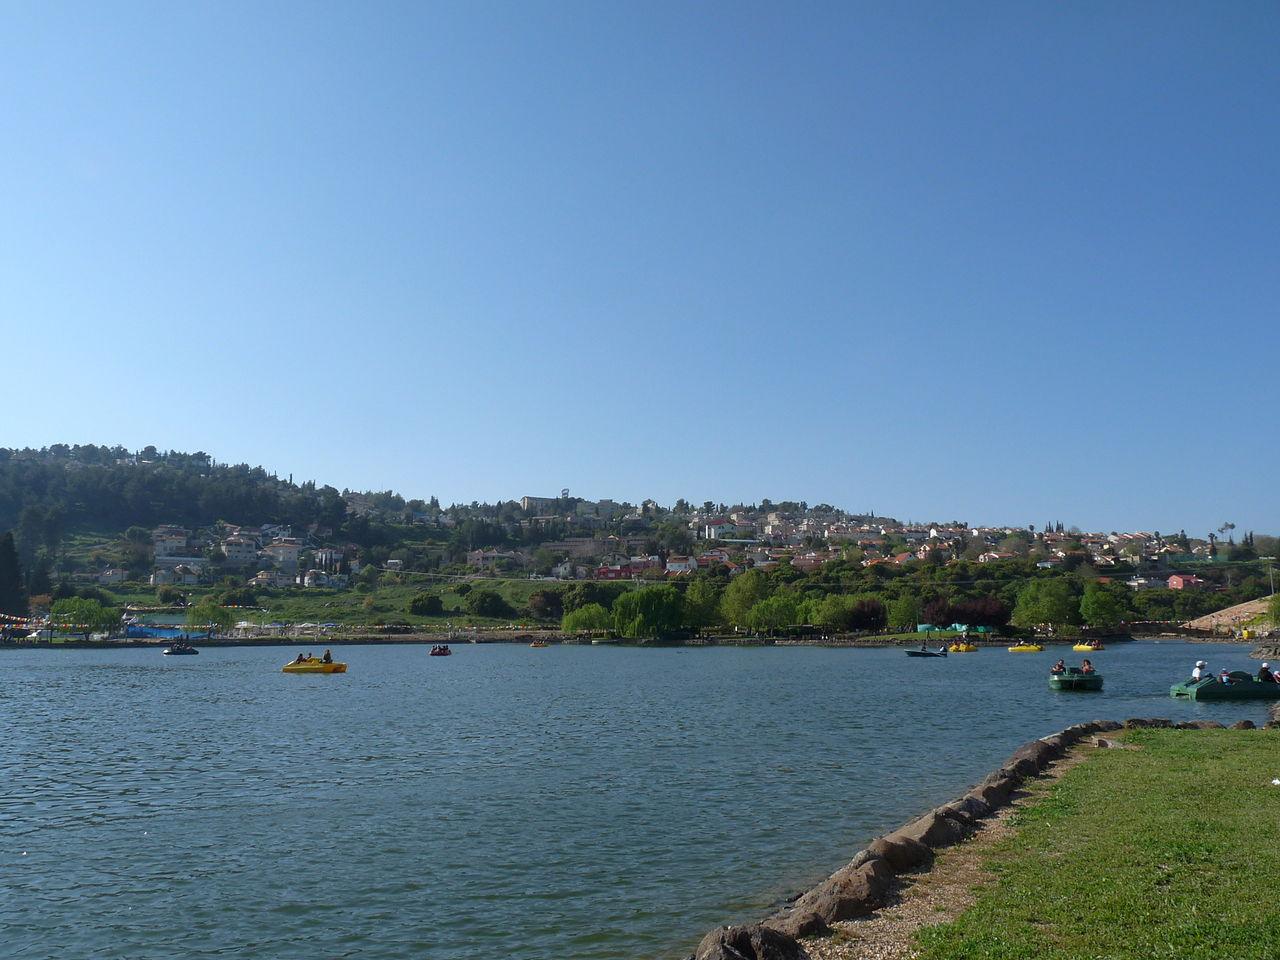 1280p – Maalot _and_lake